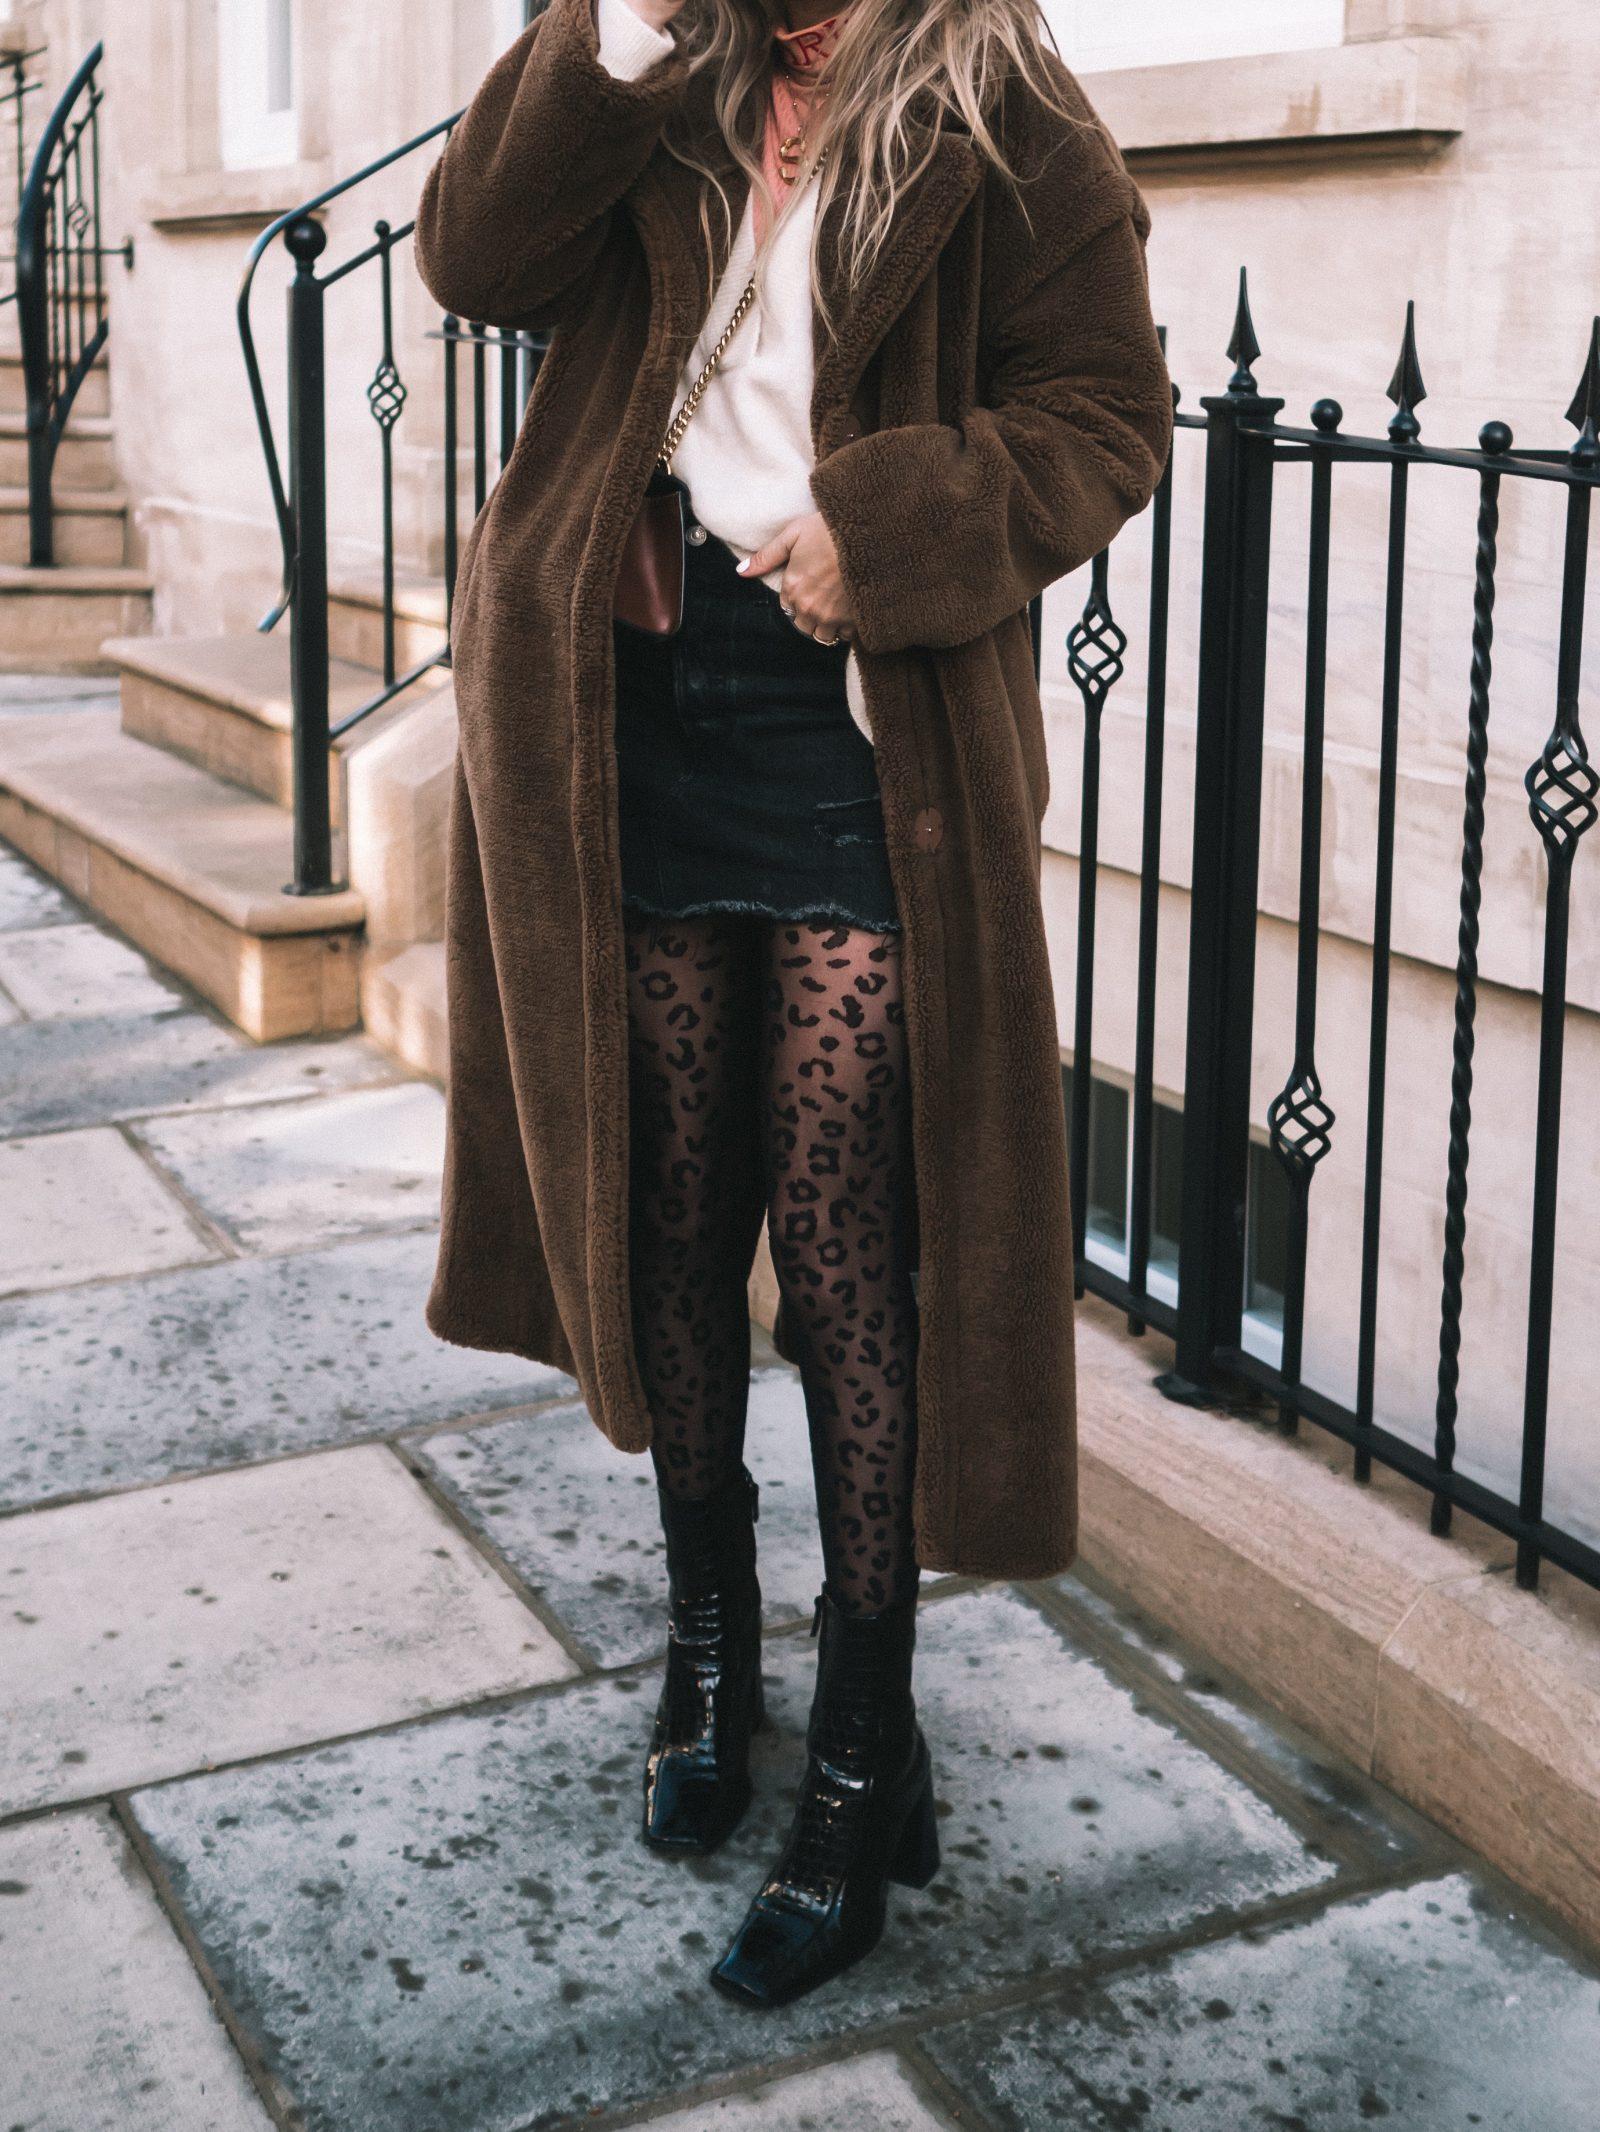 Warmest-Coat-Amazon-Coat - Sinead Crowe Street Style